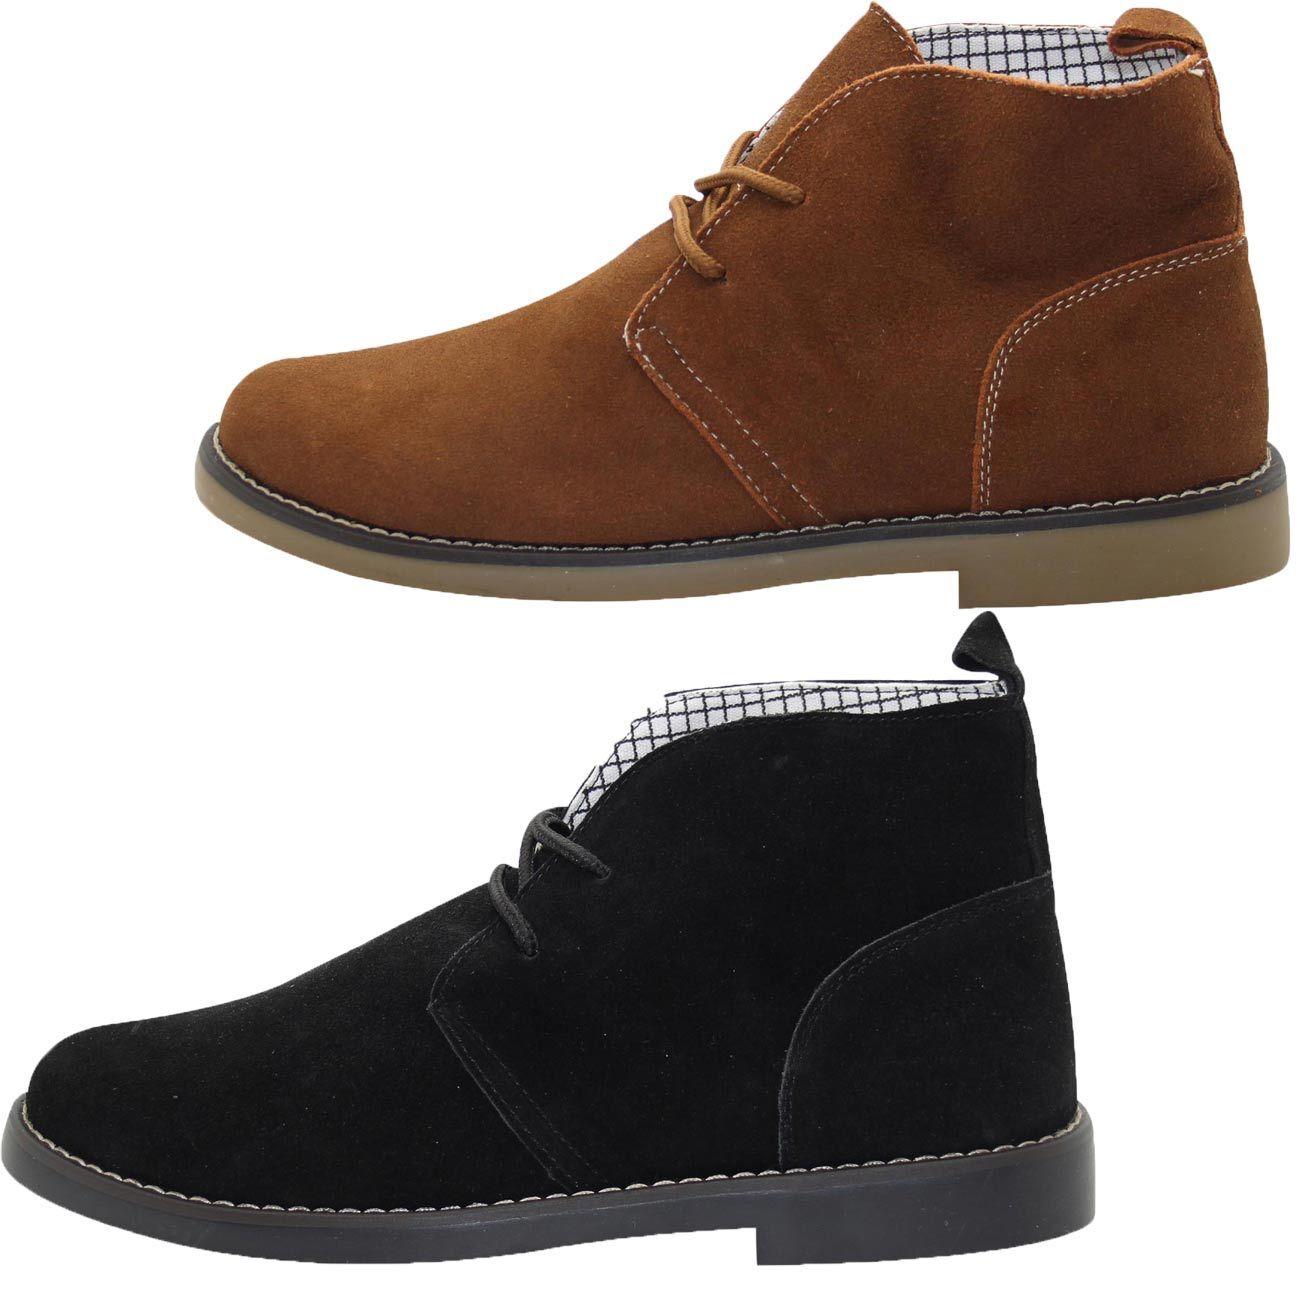 Original Herren Kunst Leder Wüste Stiefel Top Qualität Slip auf Knöchel Eu Größe